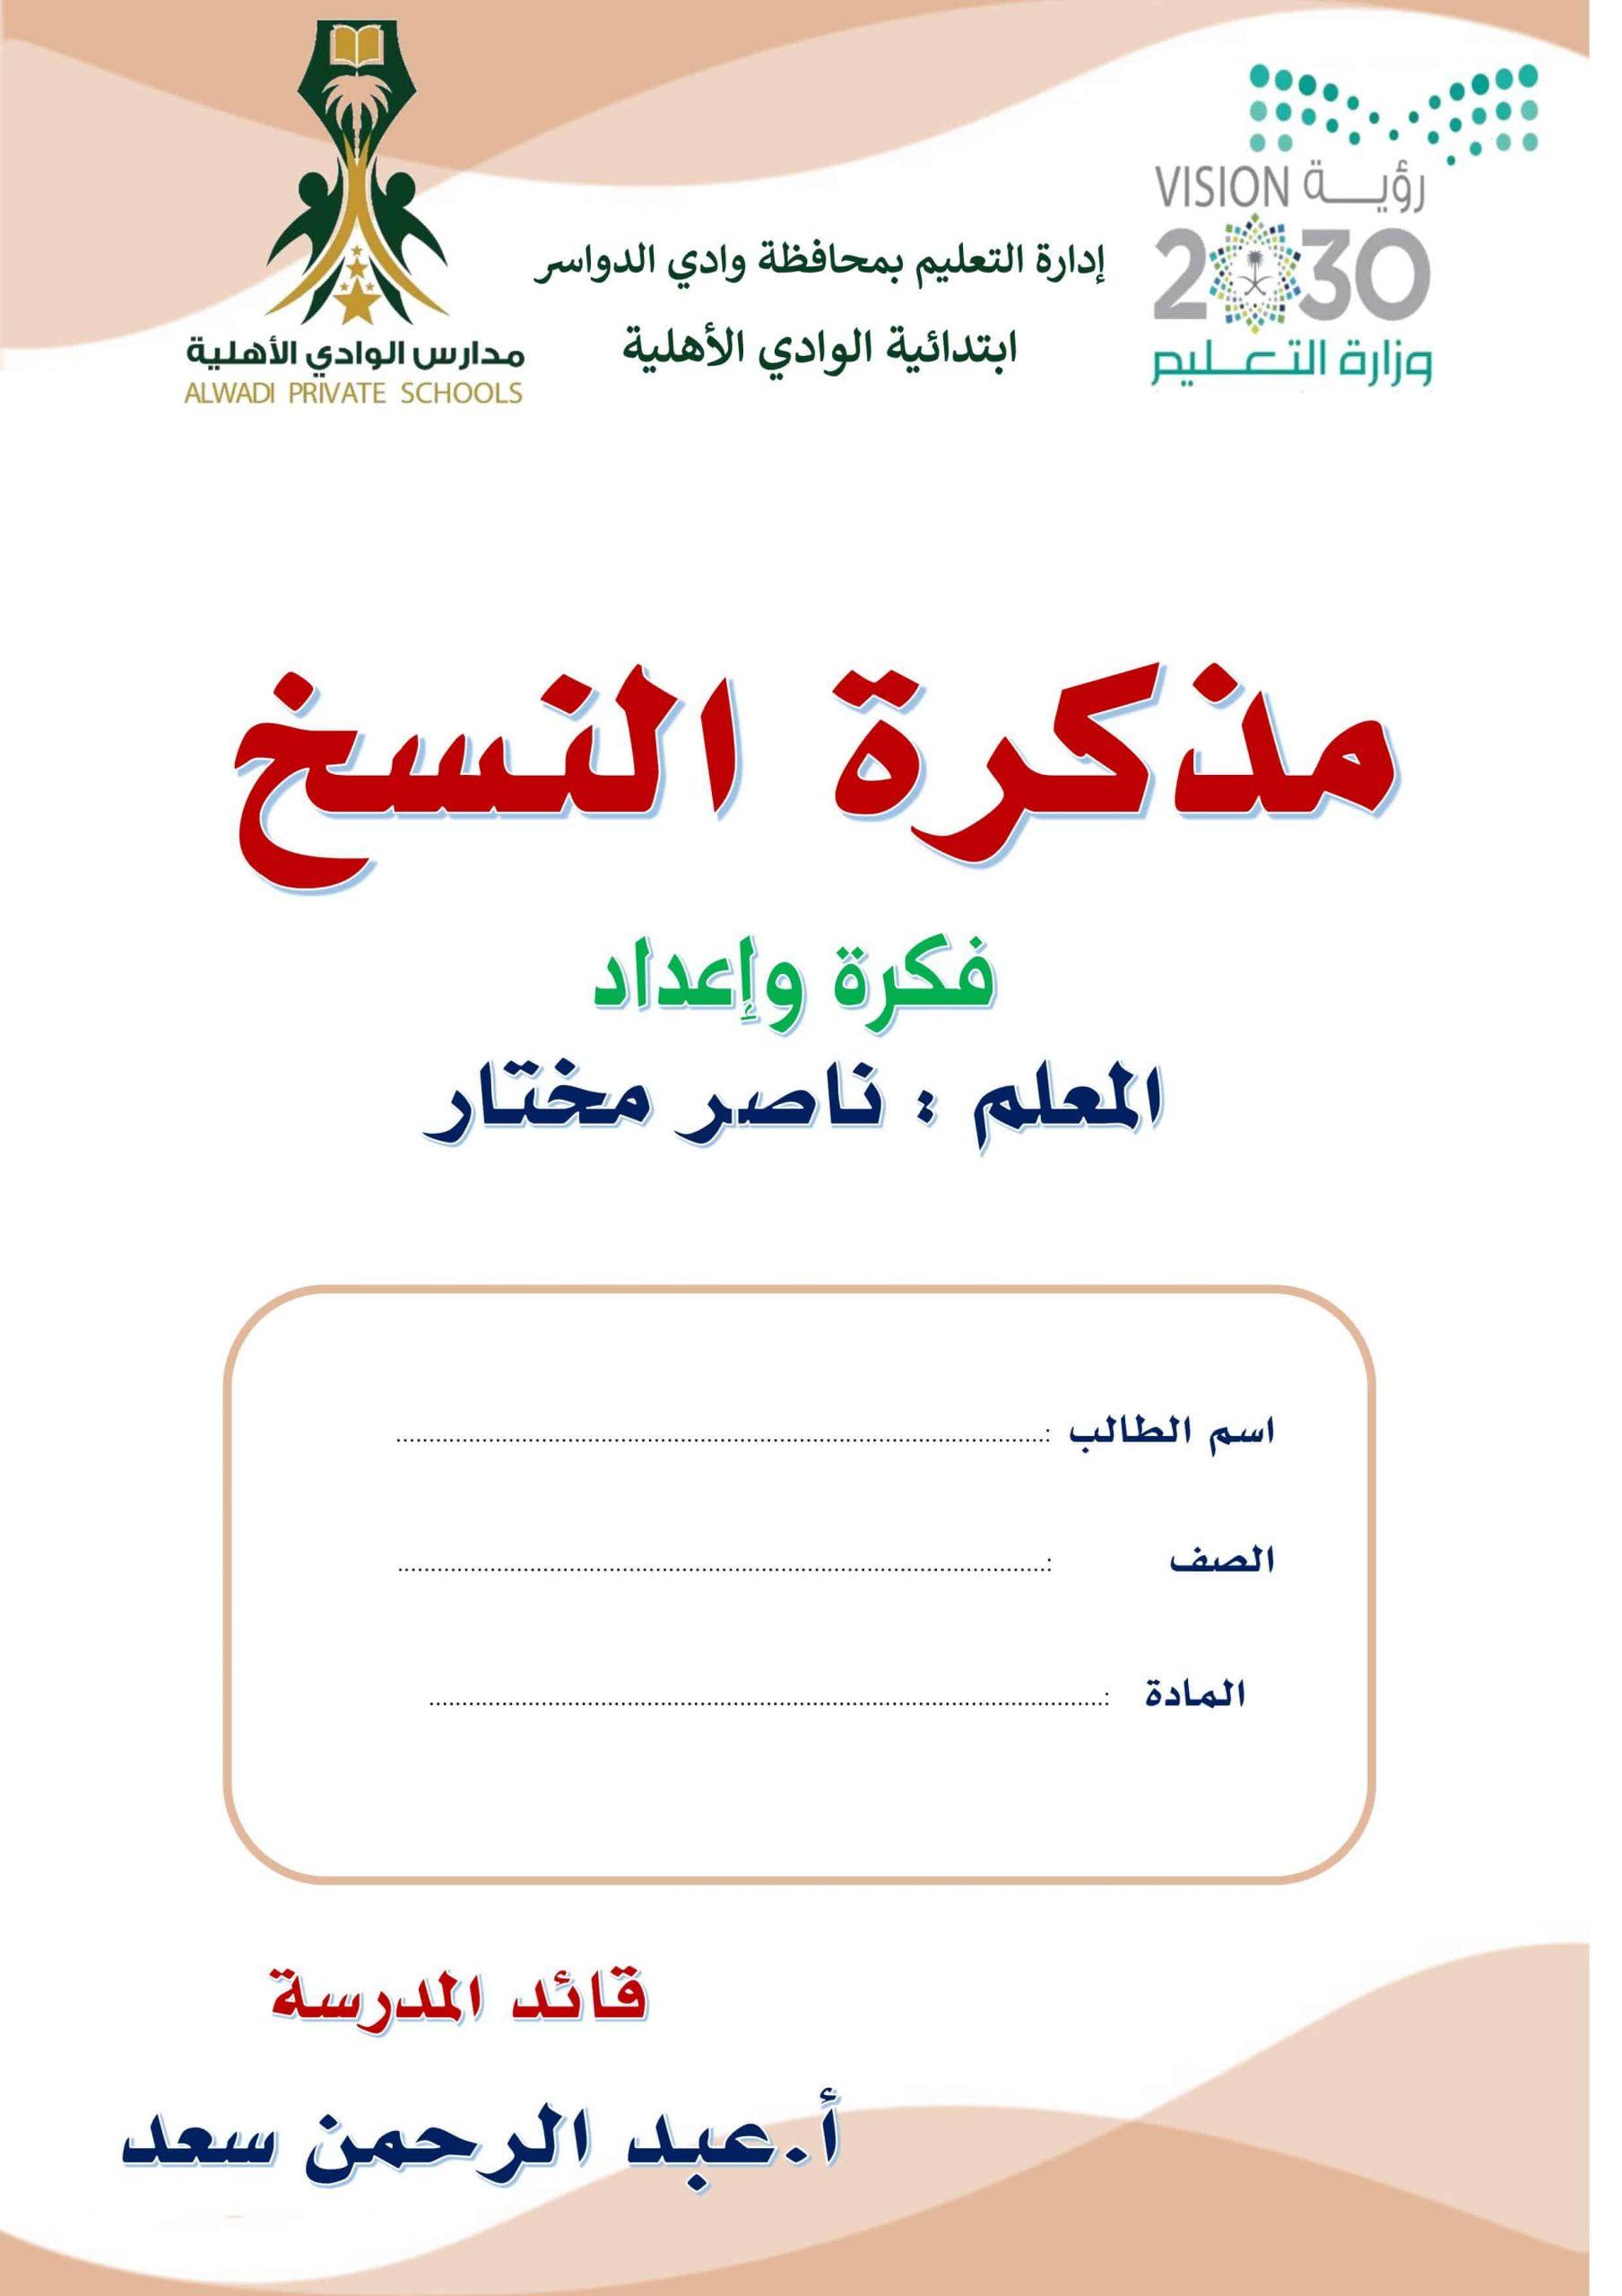 مذكرة النسخ لتعليم الطلاب على الكتابة الصف الاول مادة اللغة العربية